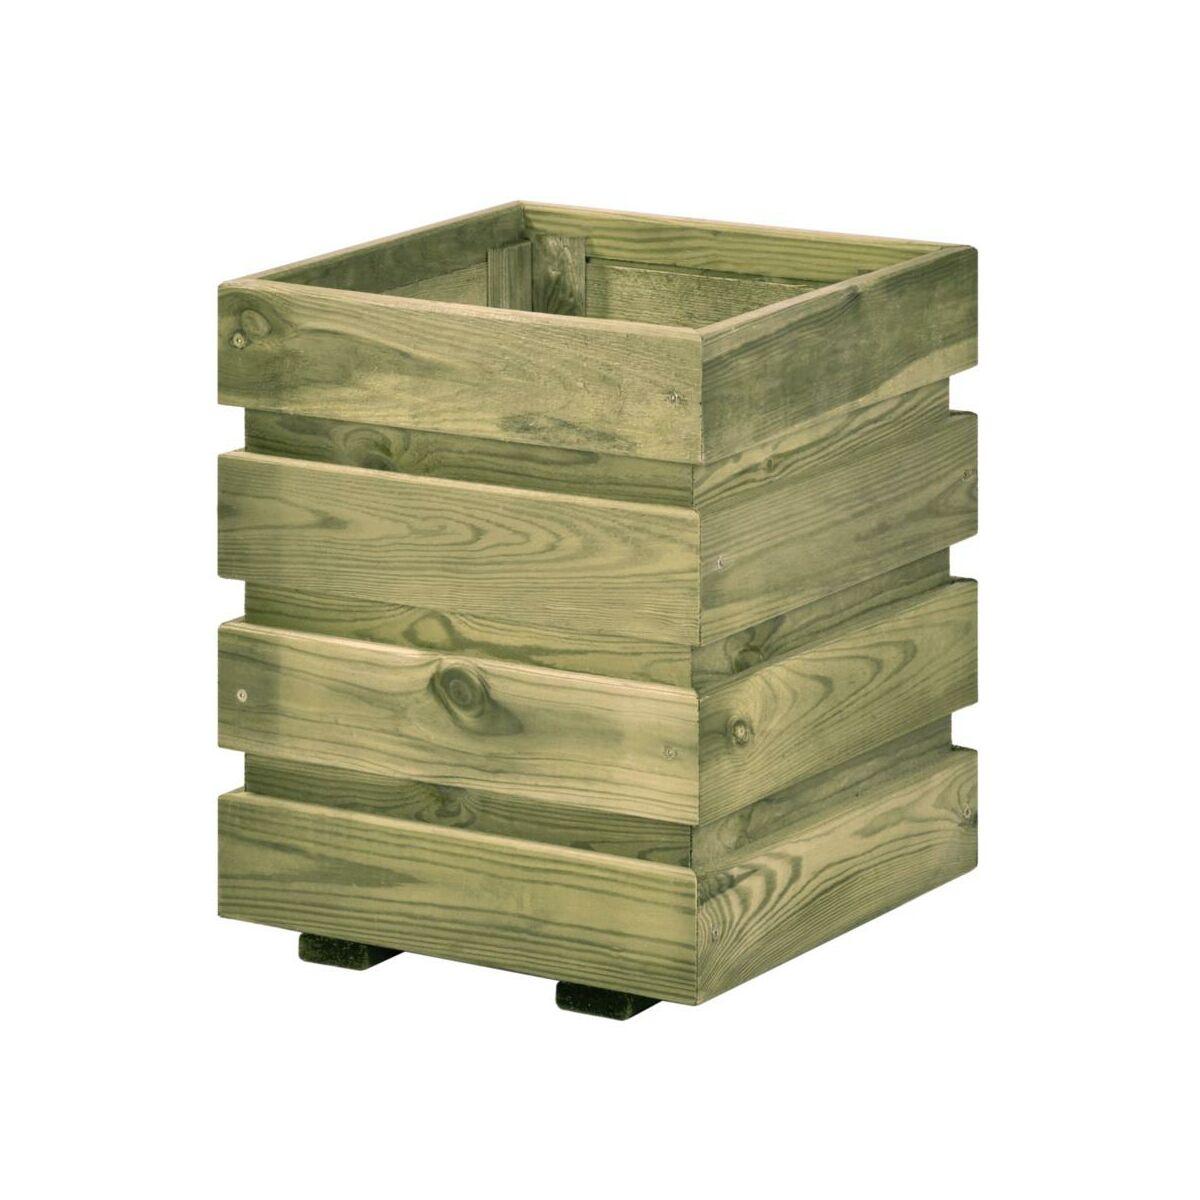 Donica Ogrodowa Fix 30 X 30 X 37 Cm Drewniana Sobex Donice Ogrodowe W Atrakcyjnej Cenie W Sklepach Leroy Merlin